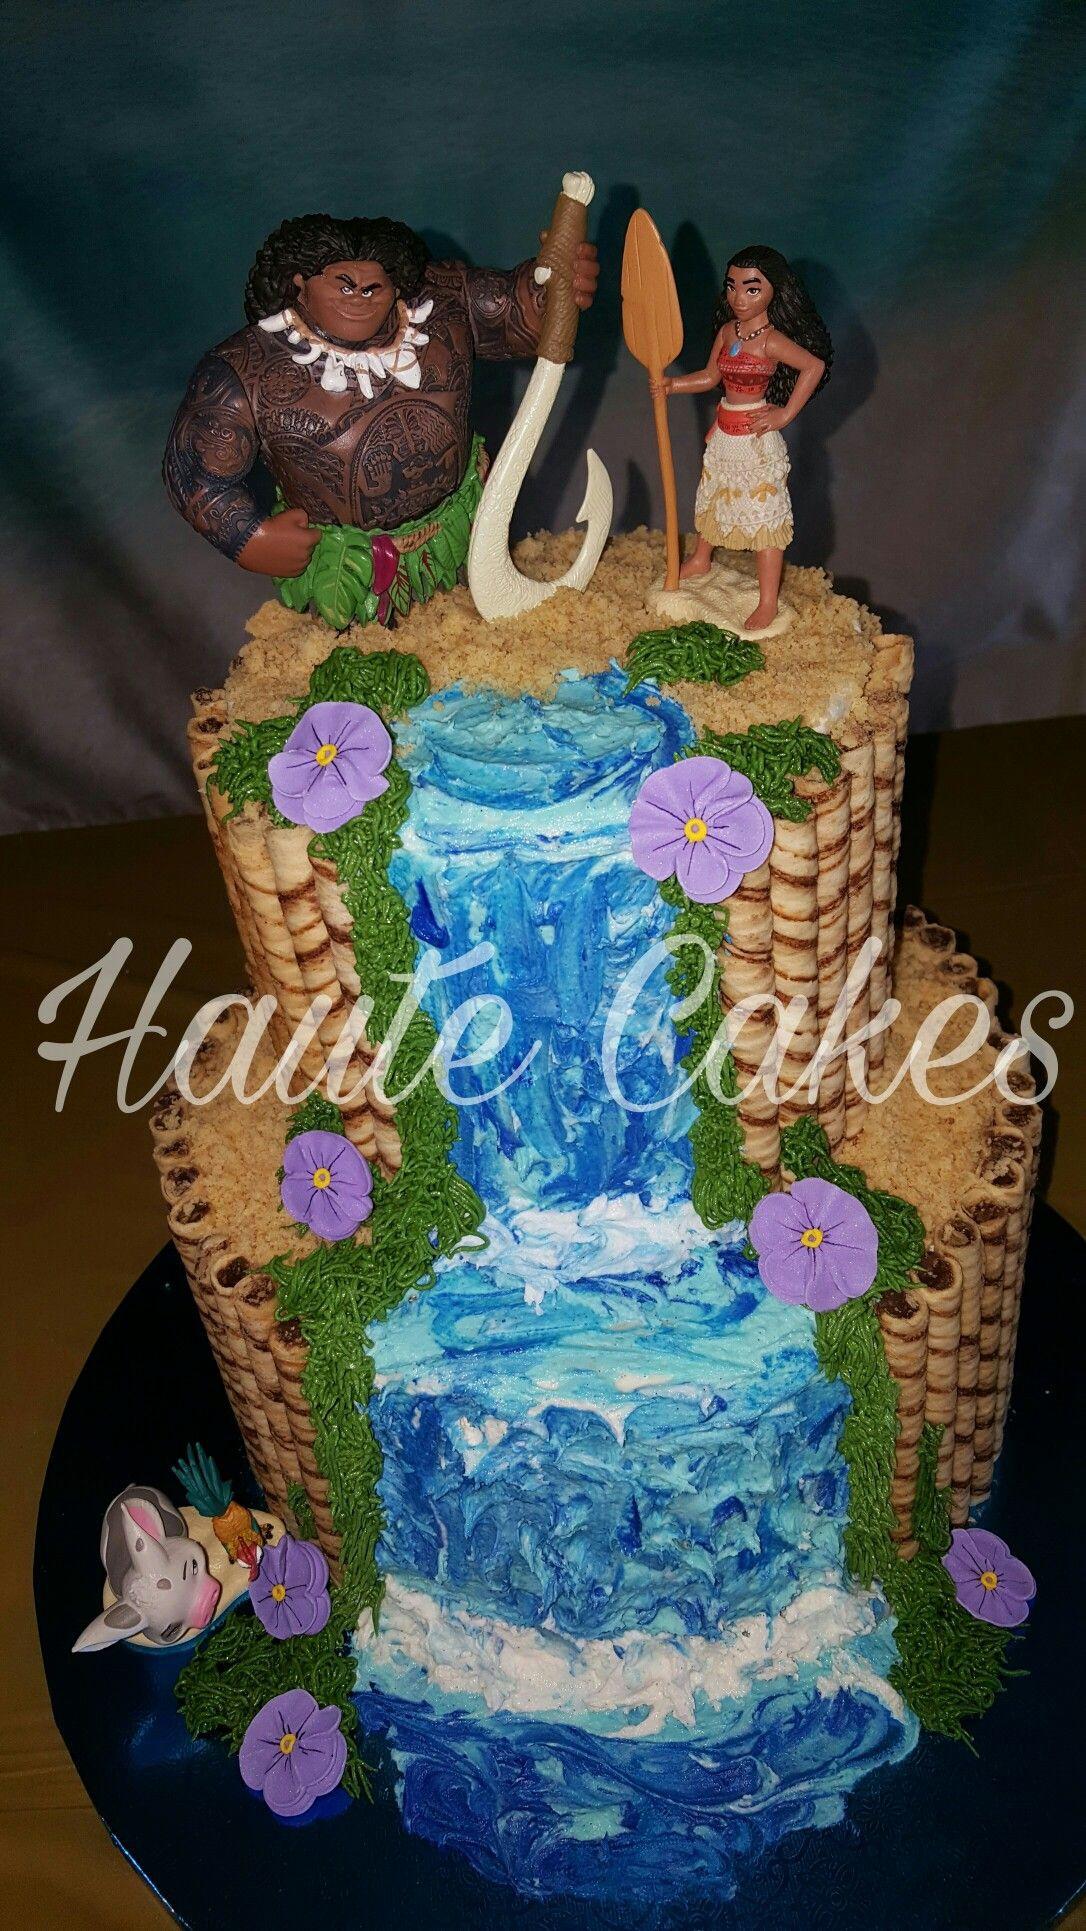 Moana Birthday Cake Ideas  Moana cake Hauté cakes Pinterest